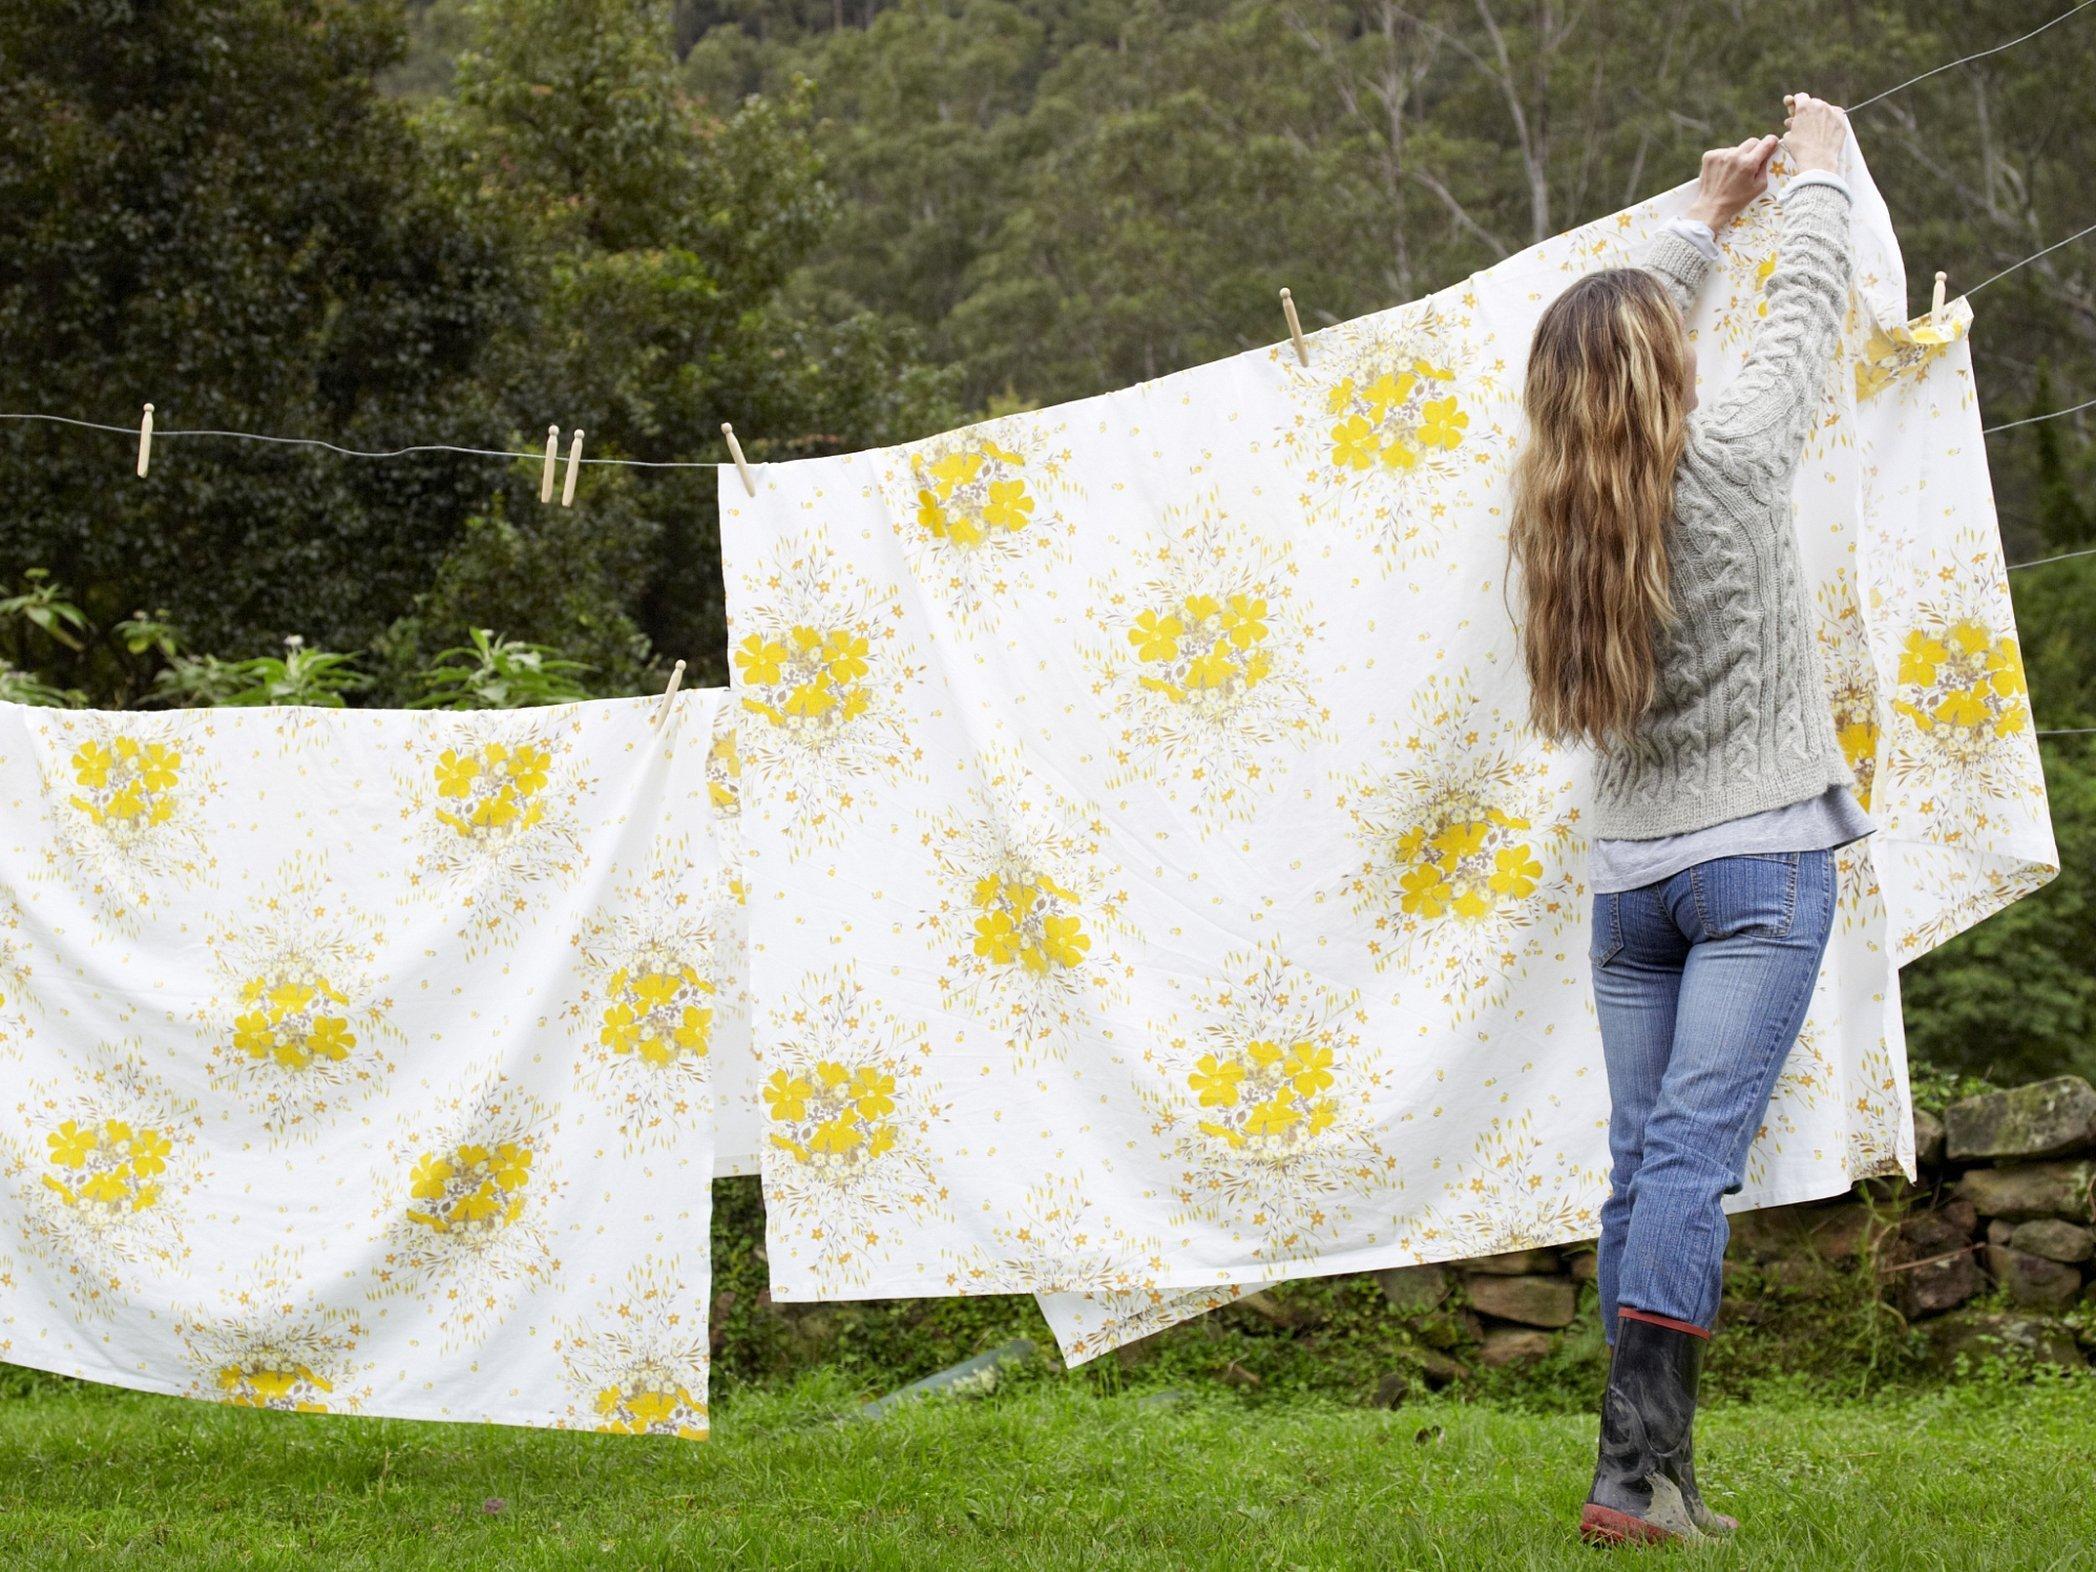 Женщина развешивает белье